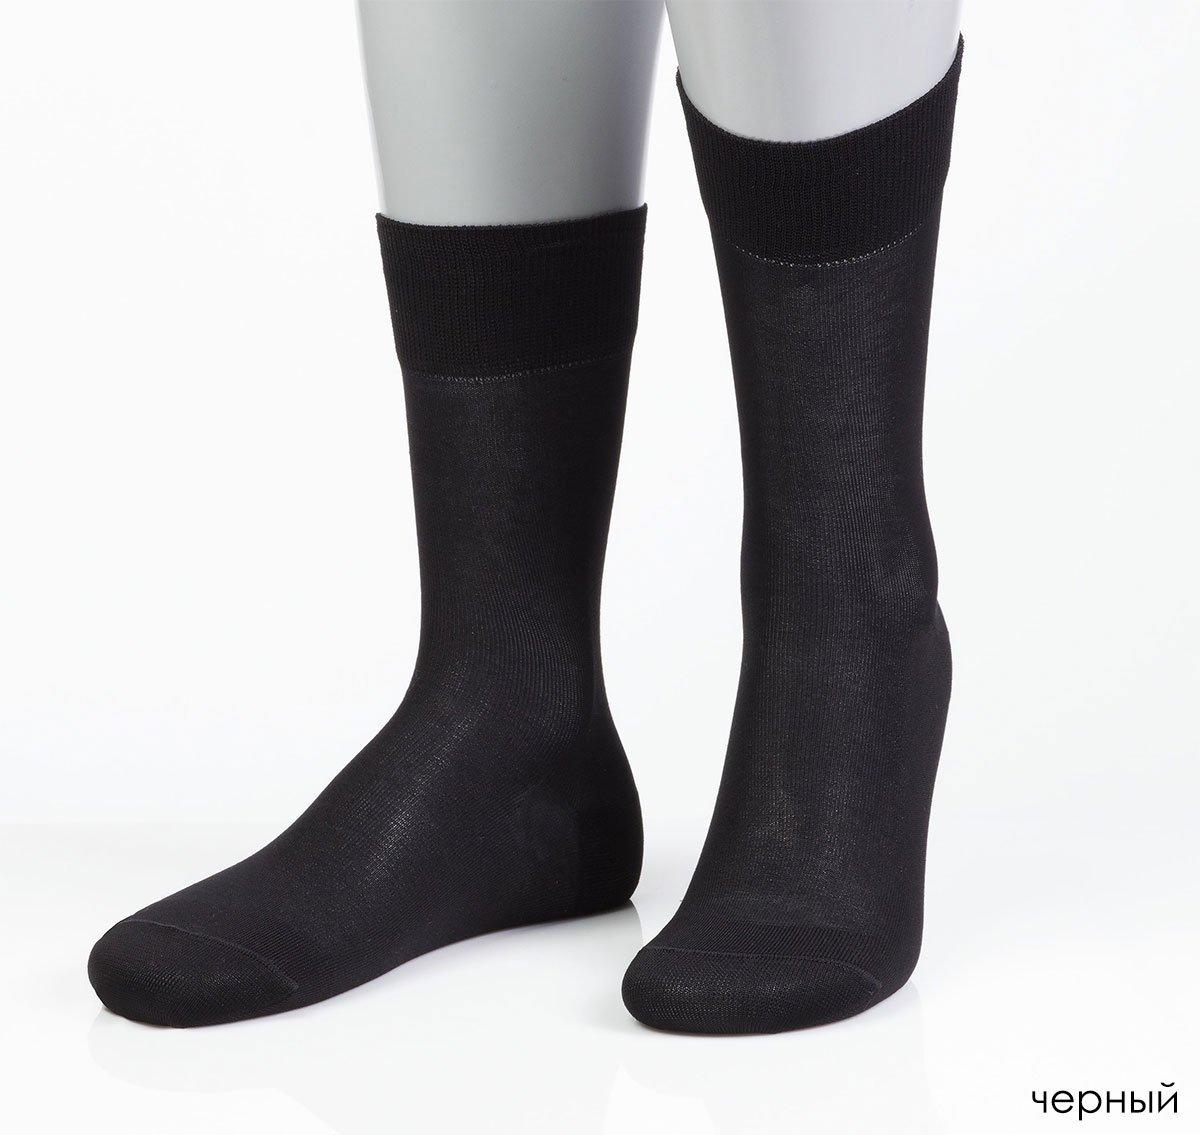 Мужские медицинские носки без резинки 15DF5 Dr. Feet